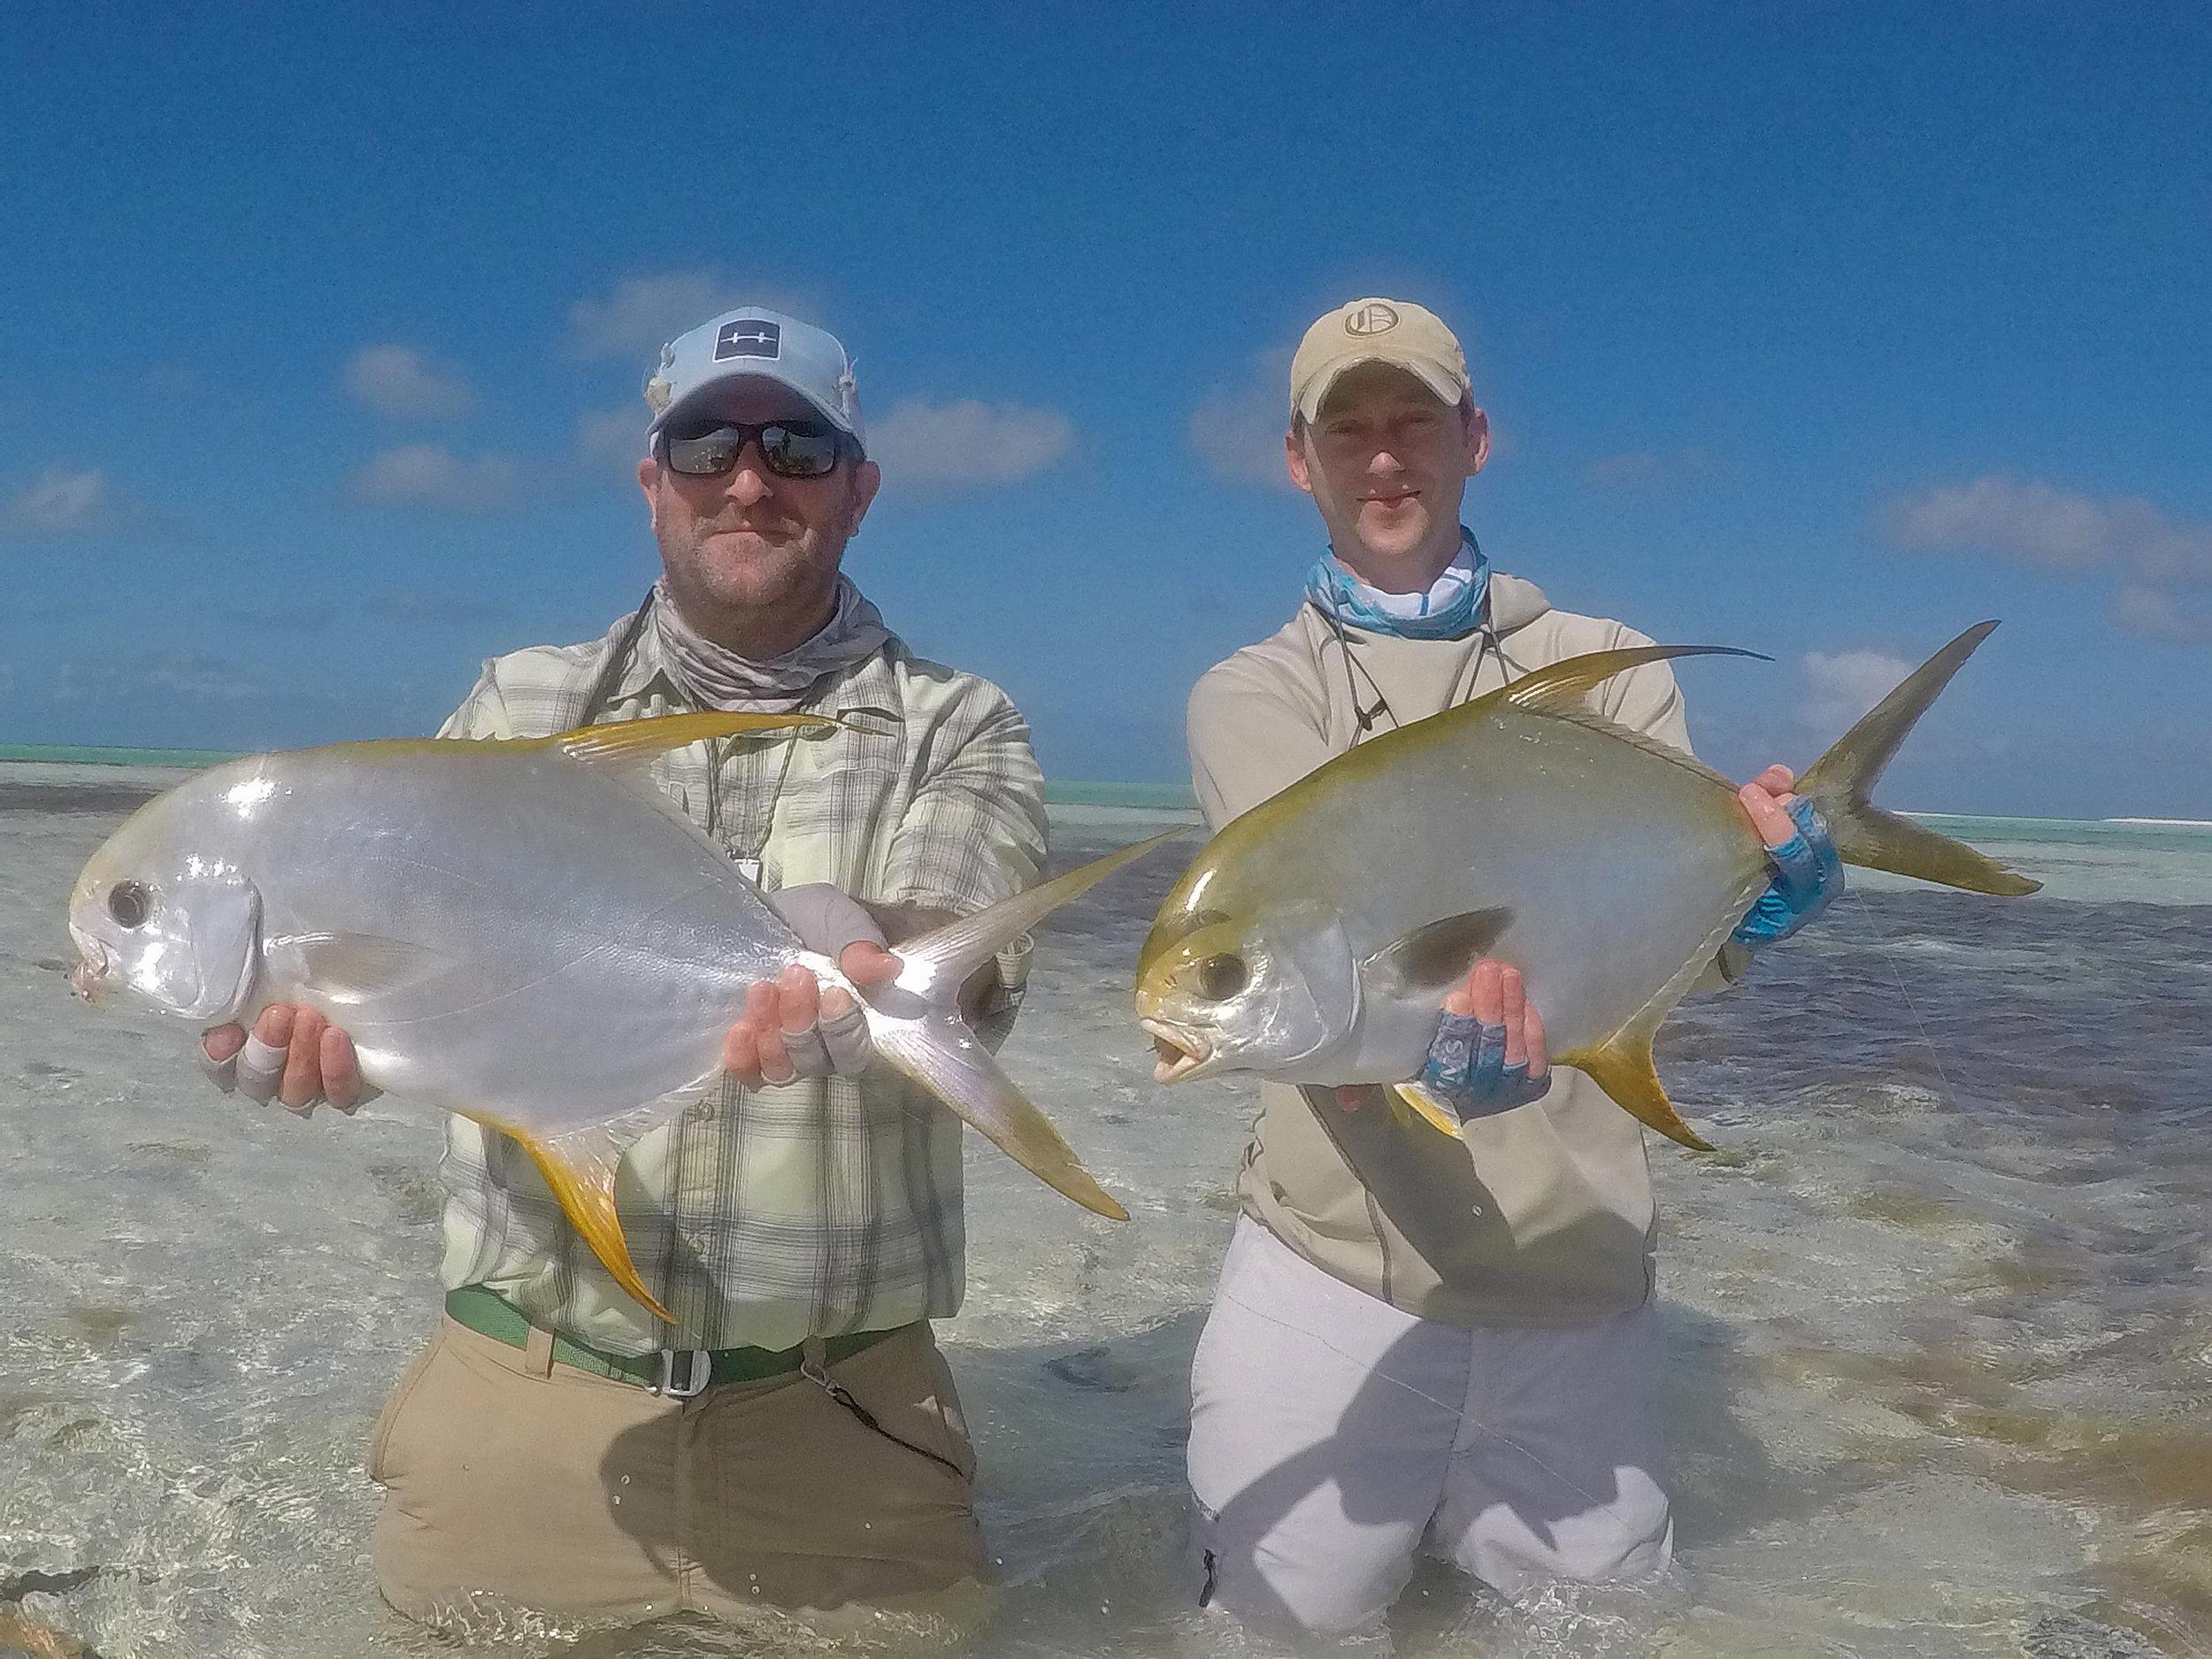 stb-fishing-8.jpg